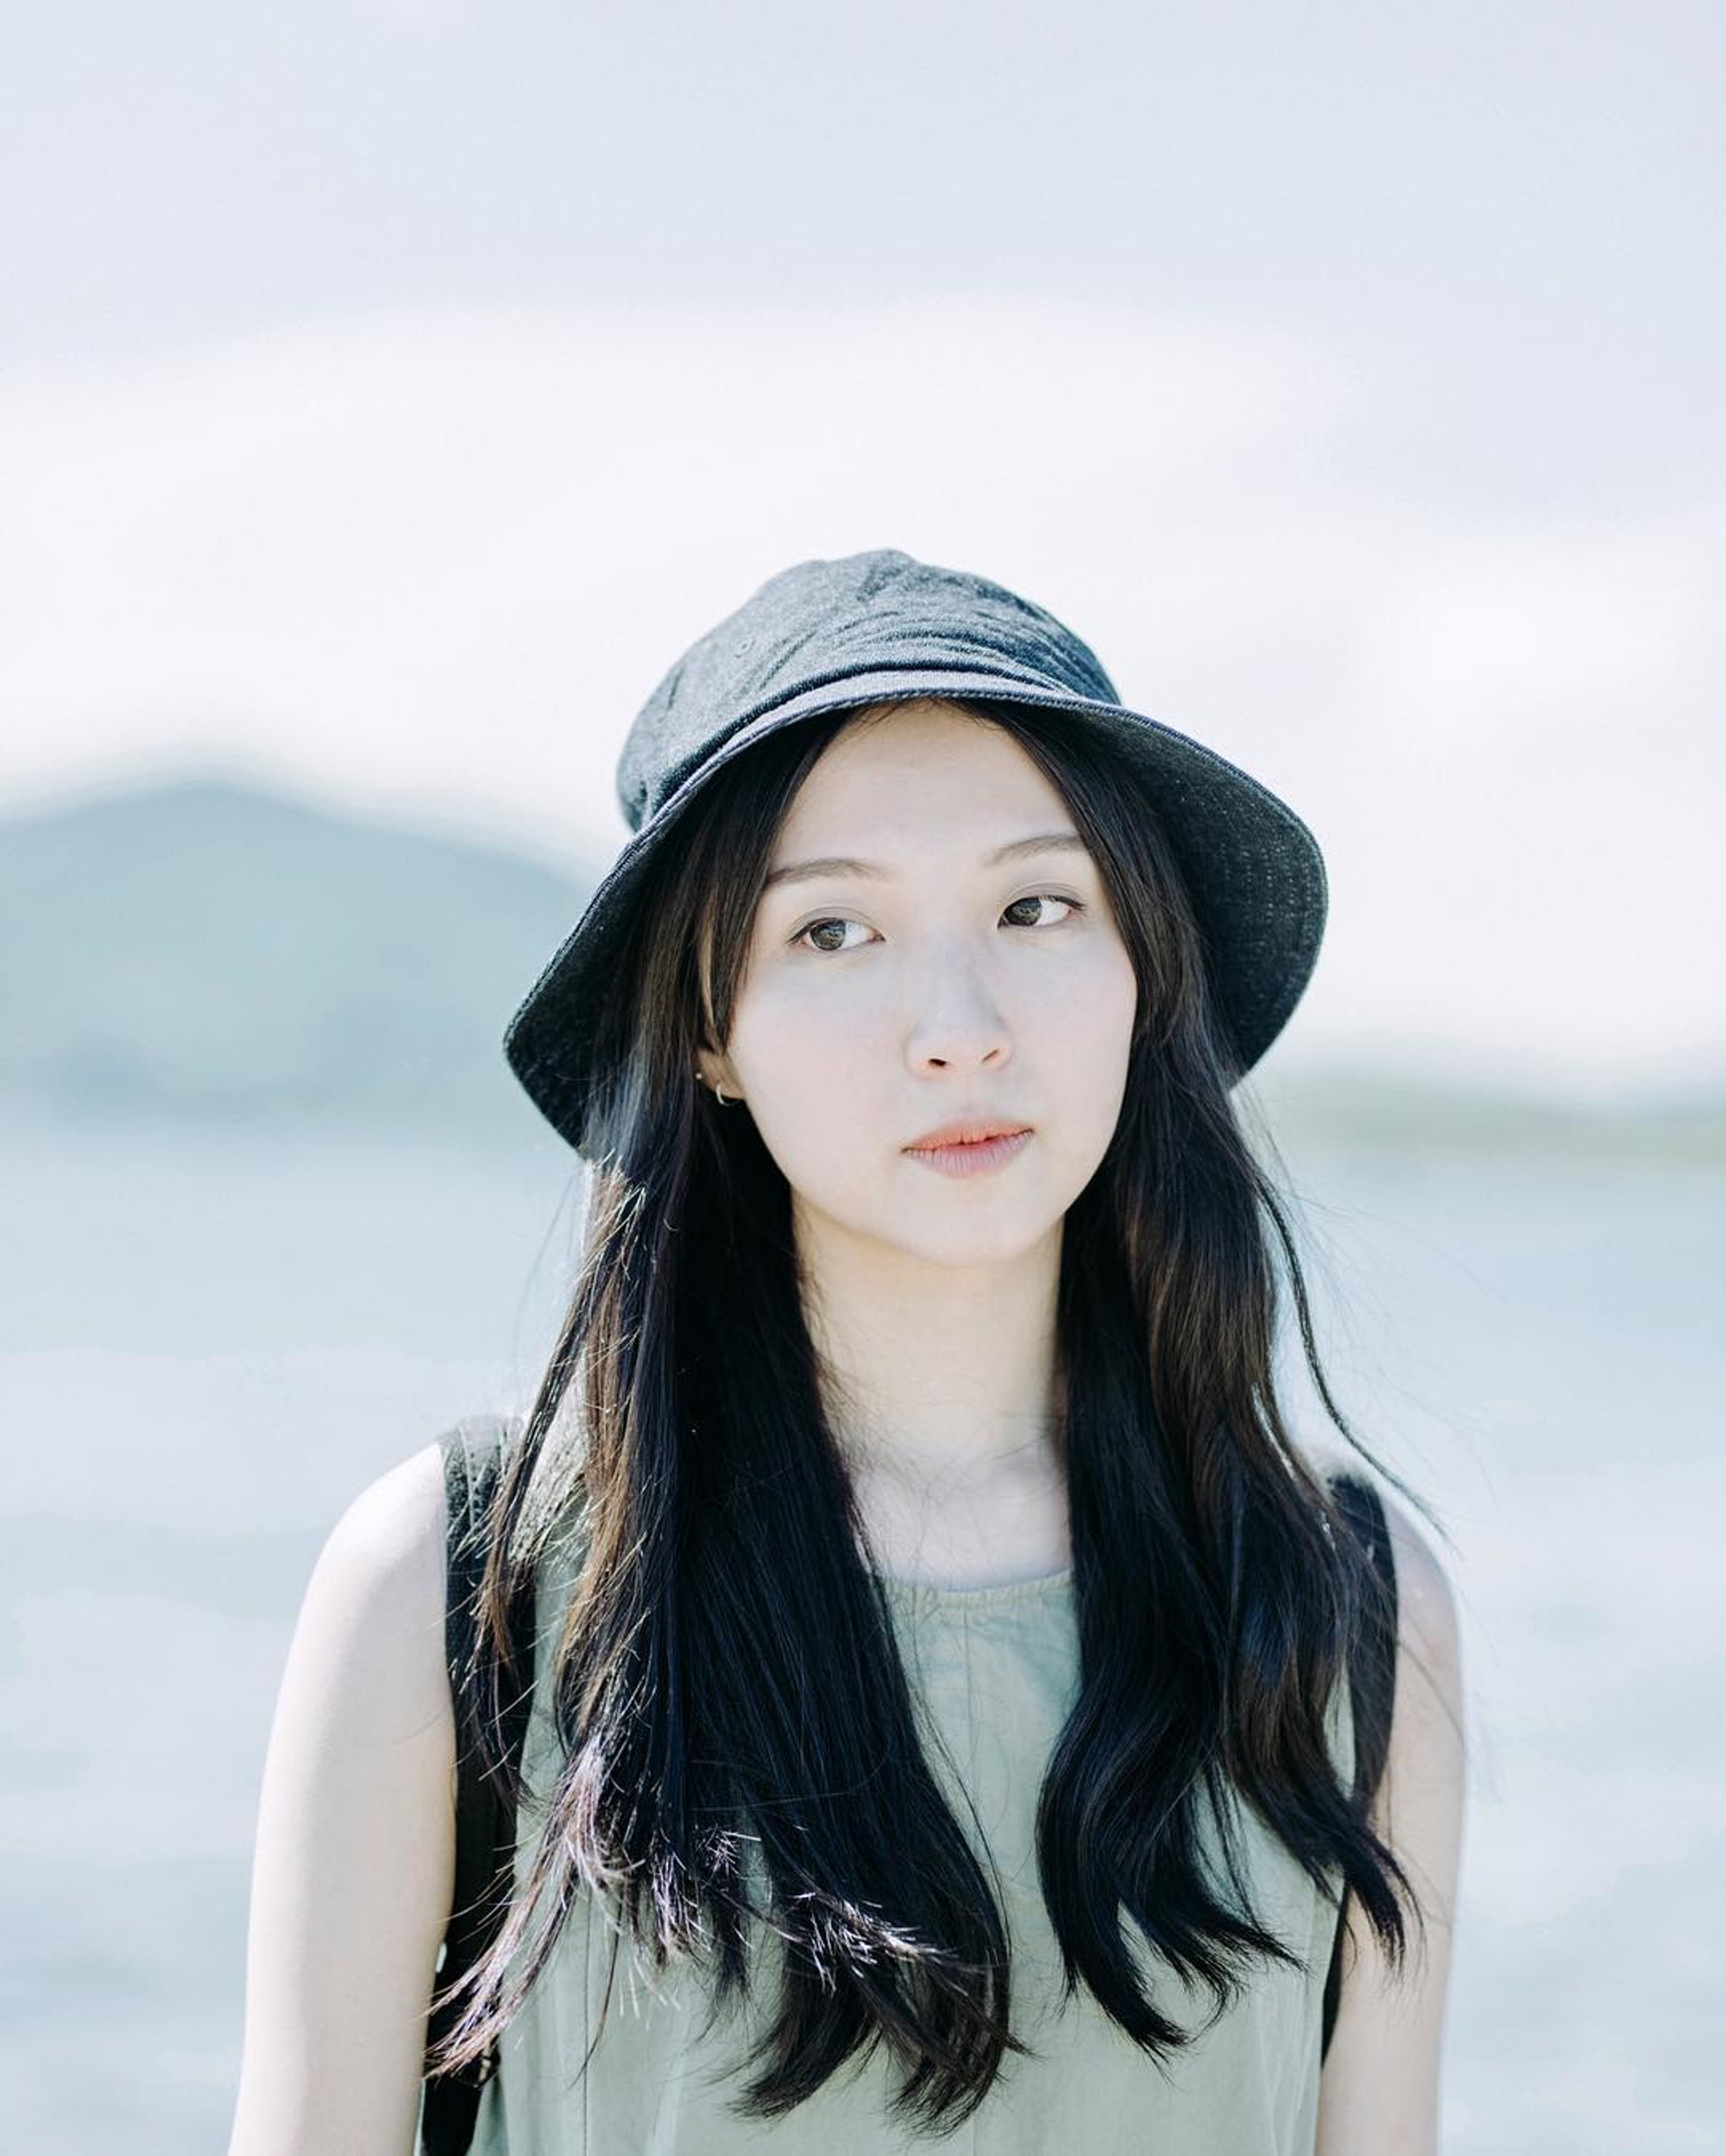 鏡頭前的賴凱靖是專業新聞主播,私底下的她是專玩菲林機的文青女神。(Instagram)